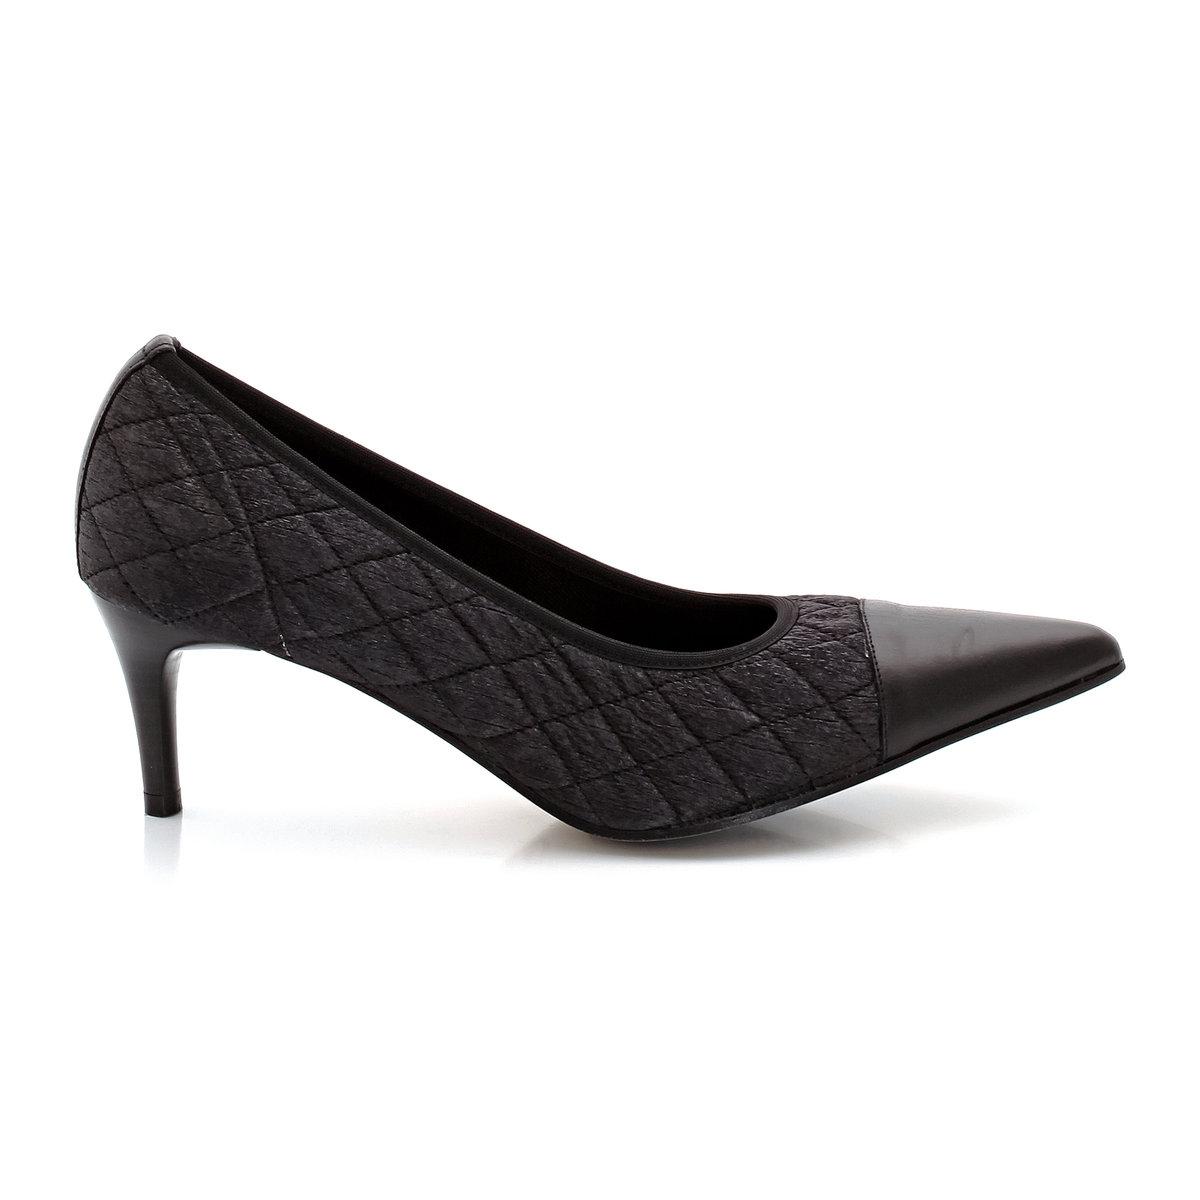 купить Туфли из кожи RAYAN от ELIZABETH STUART дешево